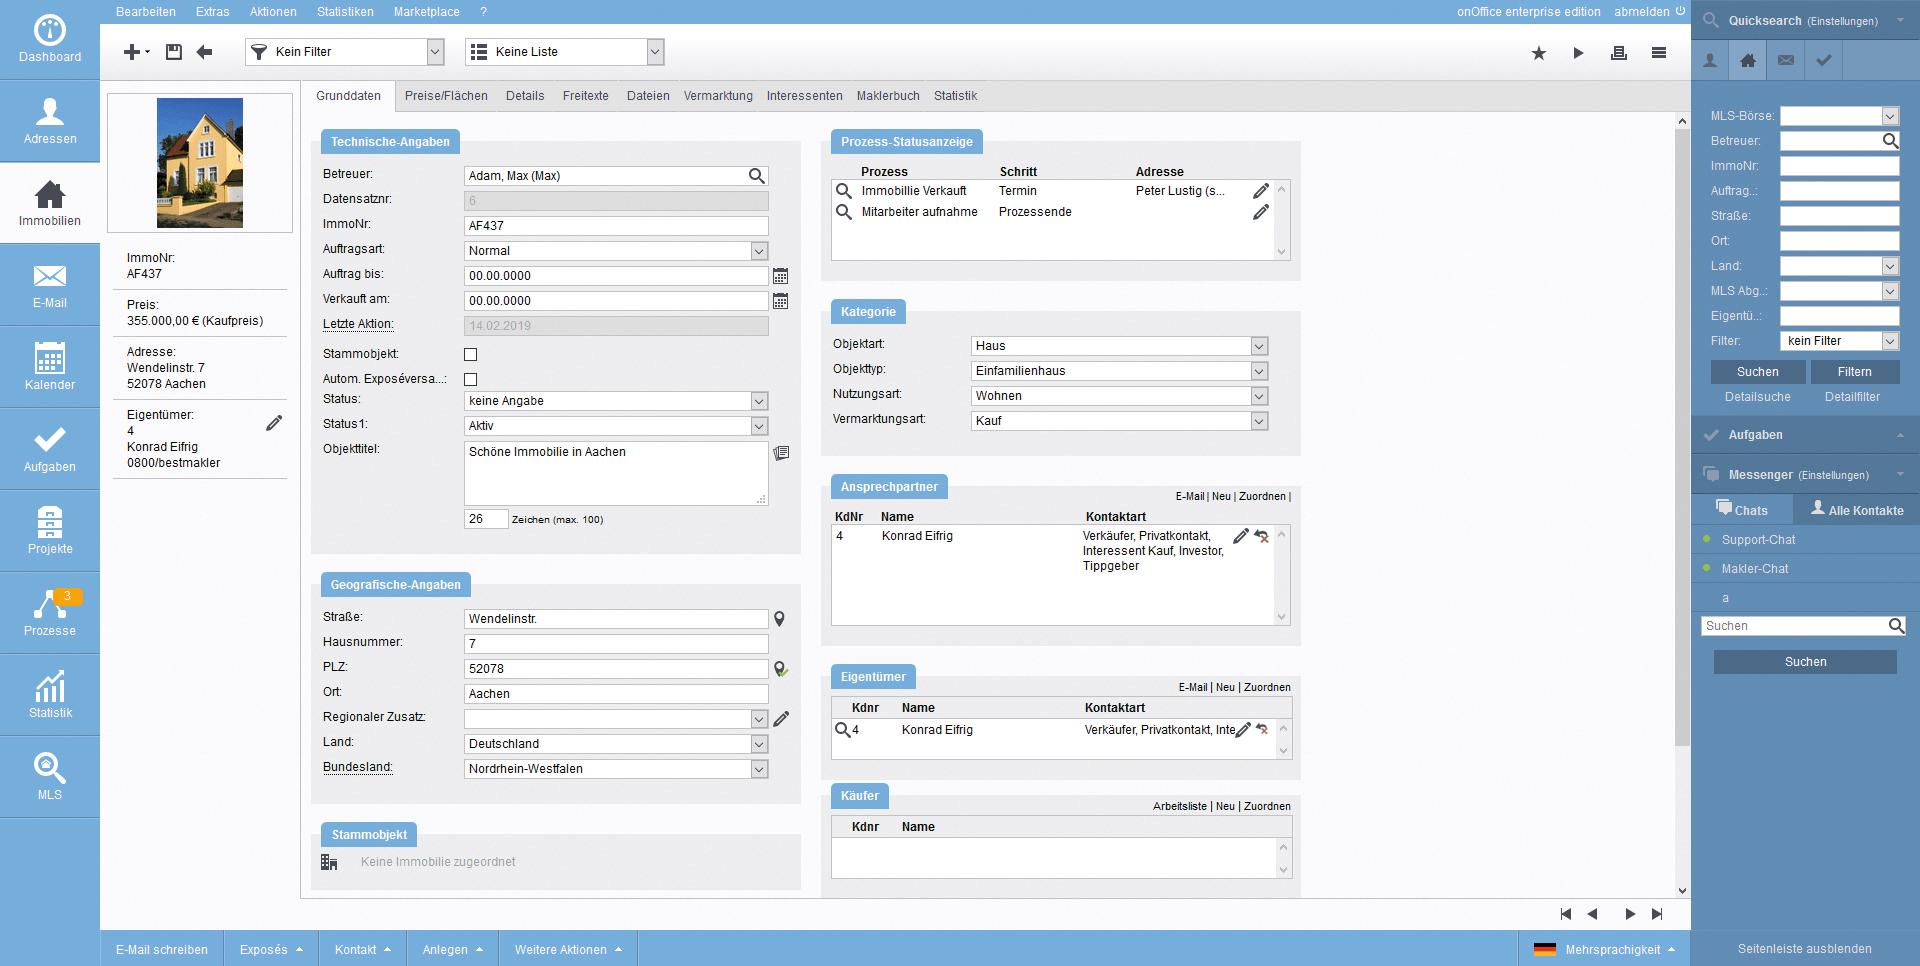 Screenshot Immobilien Detailansicht Grunddaten